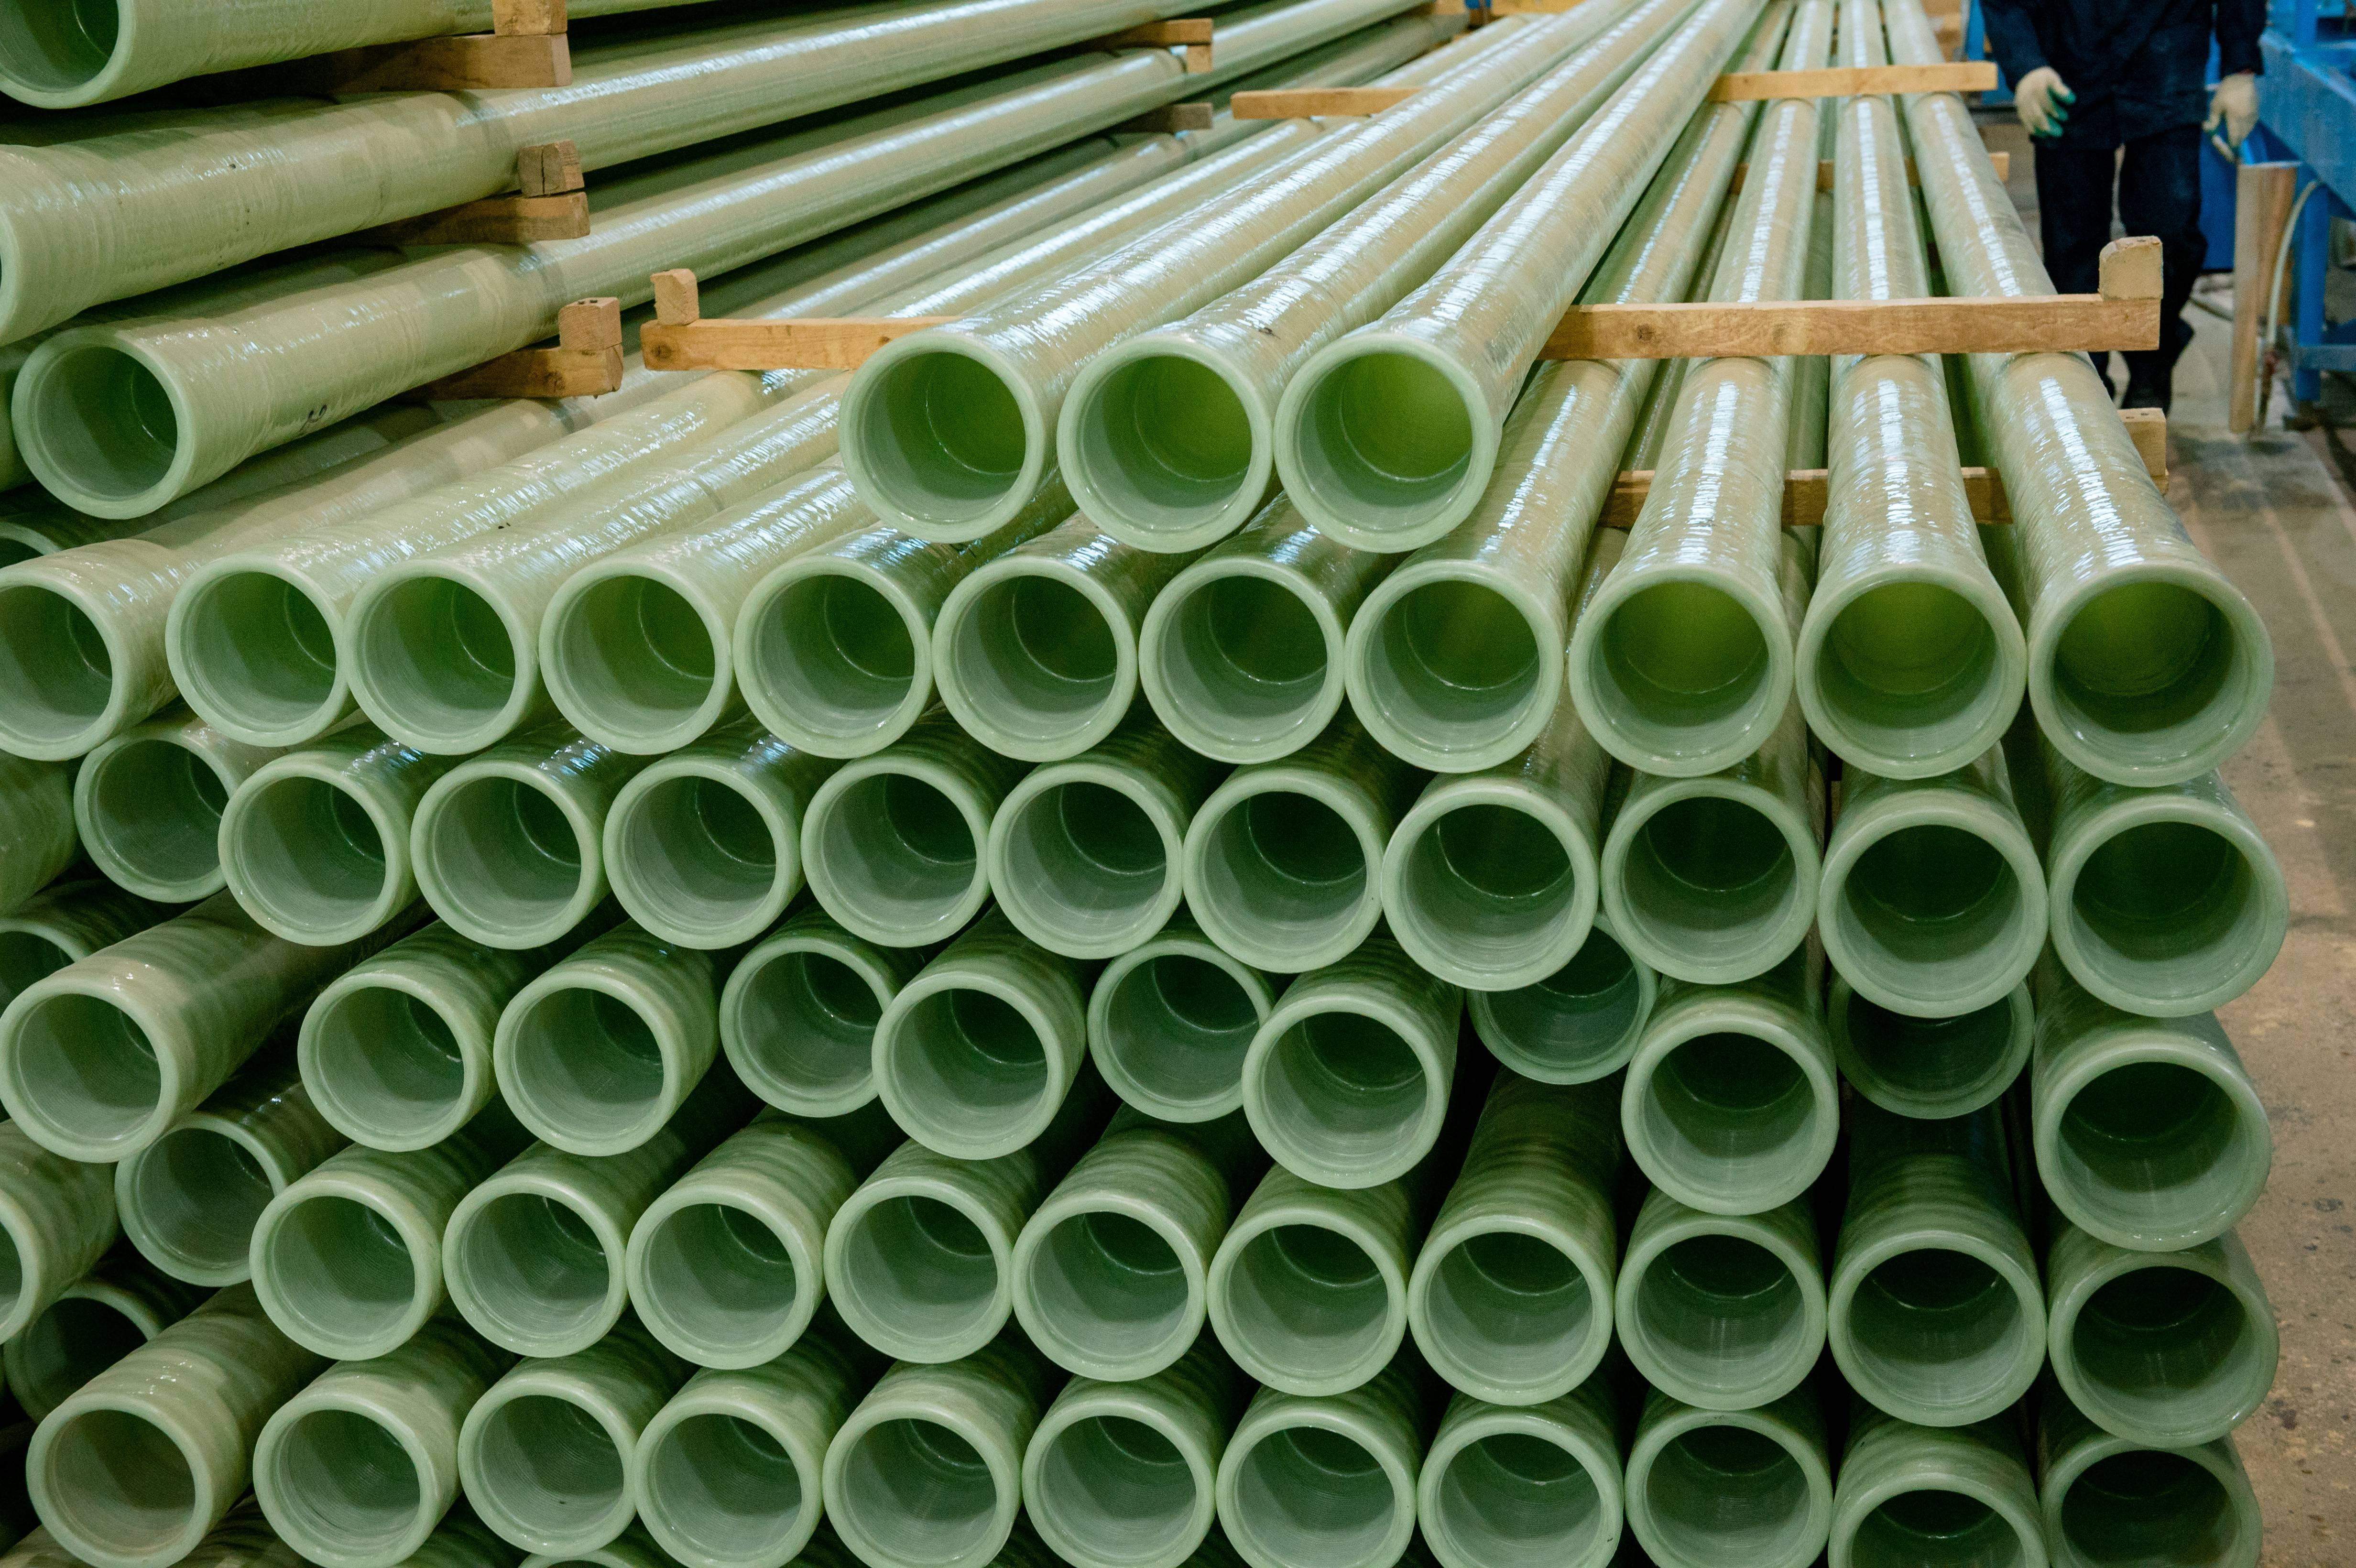 Все о стеклопластиковых трубах — виды, размеры и диаметры, кому нужны и как выбрать + особенности монтажа